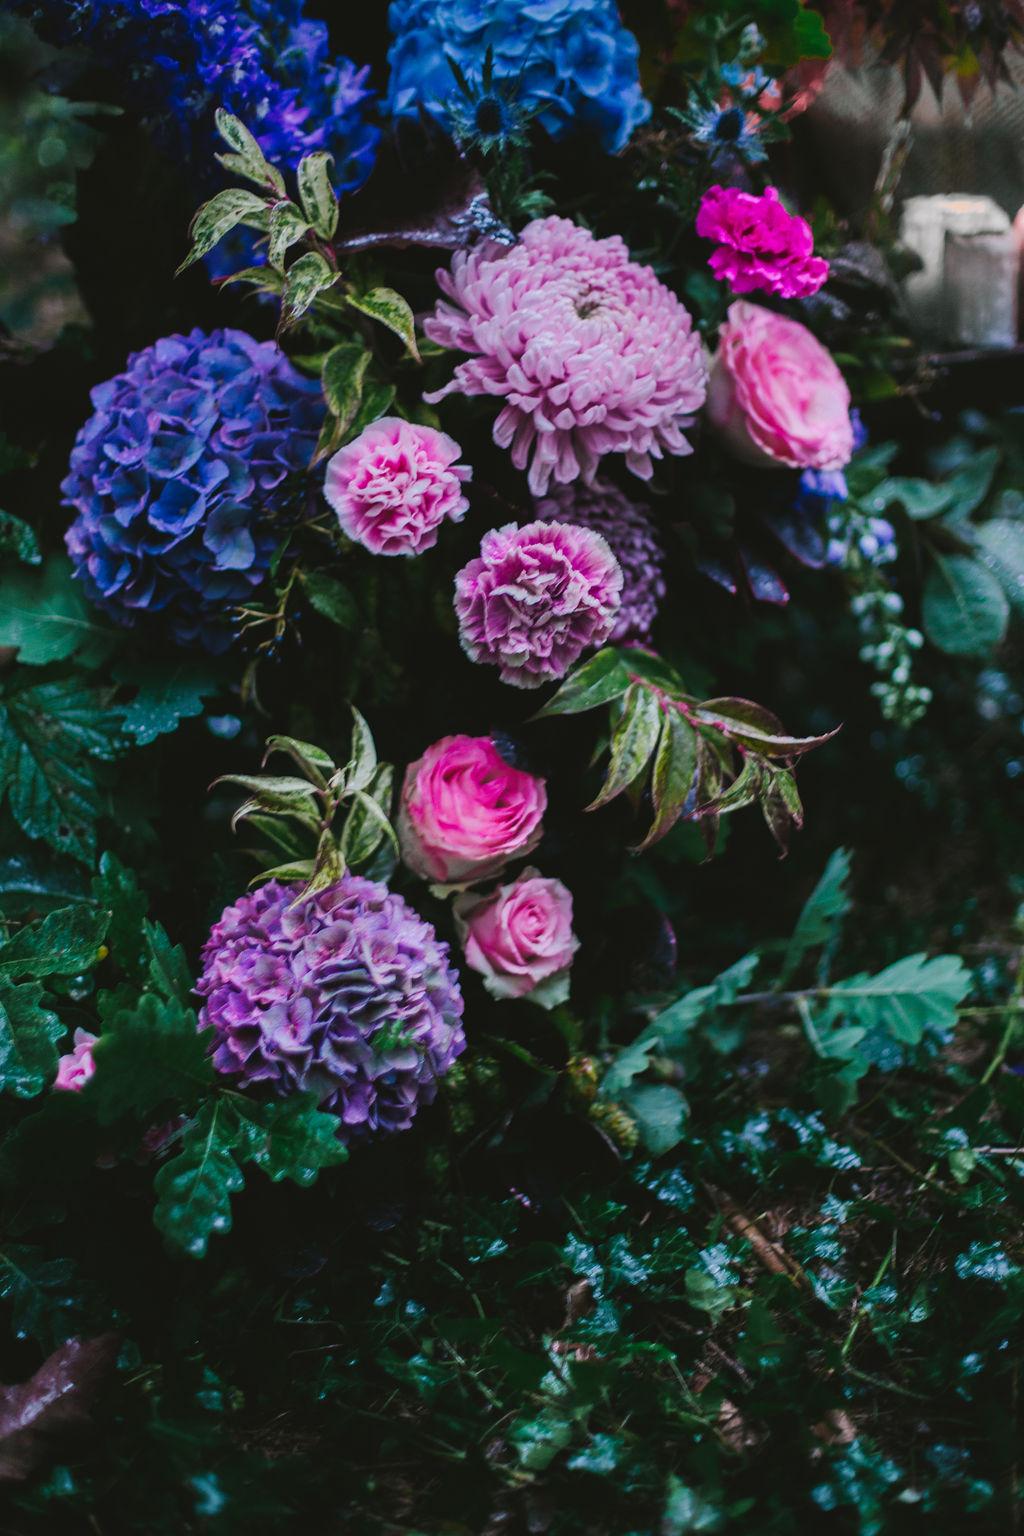 Fanny_myard_photography_ELIXIR-63